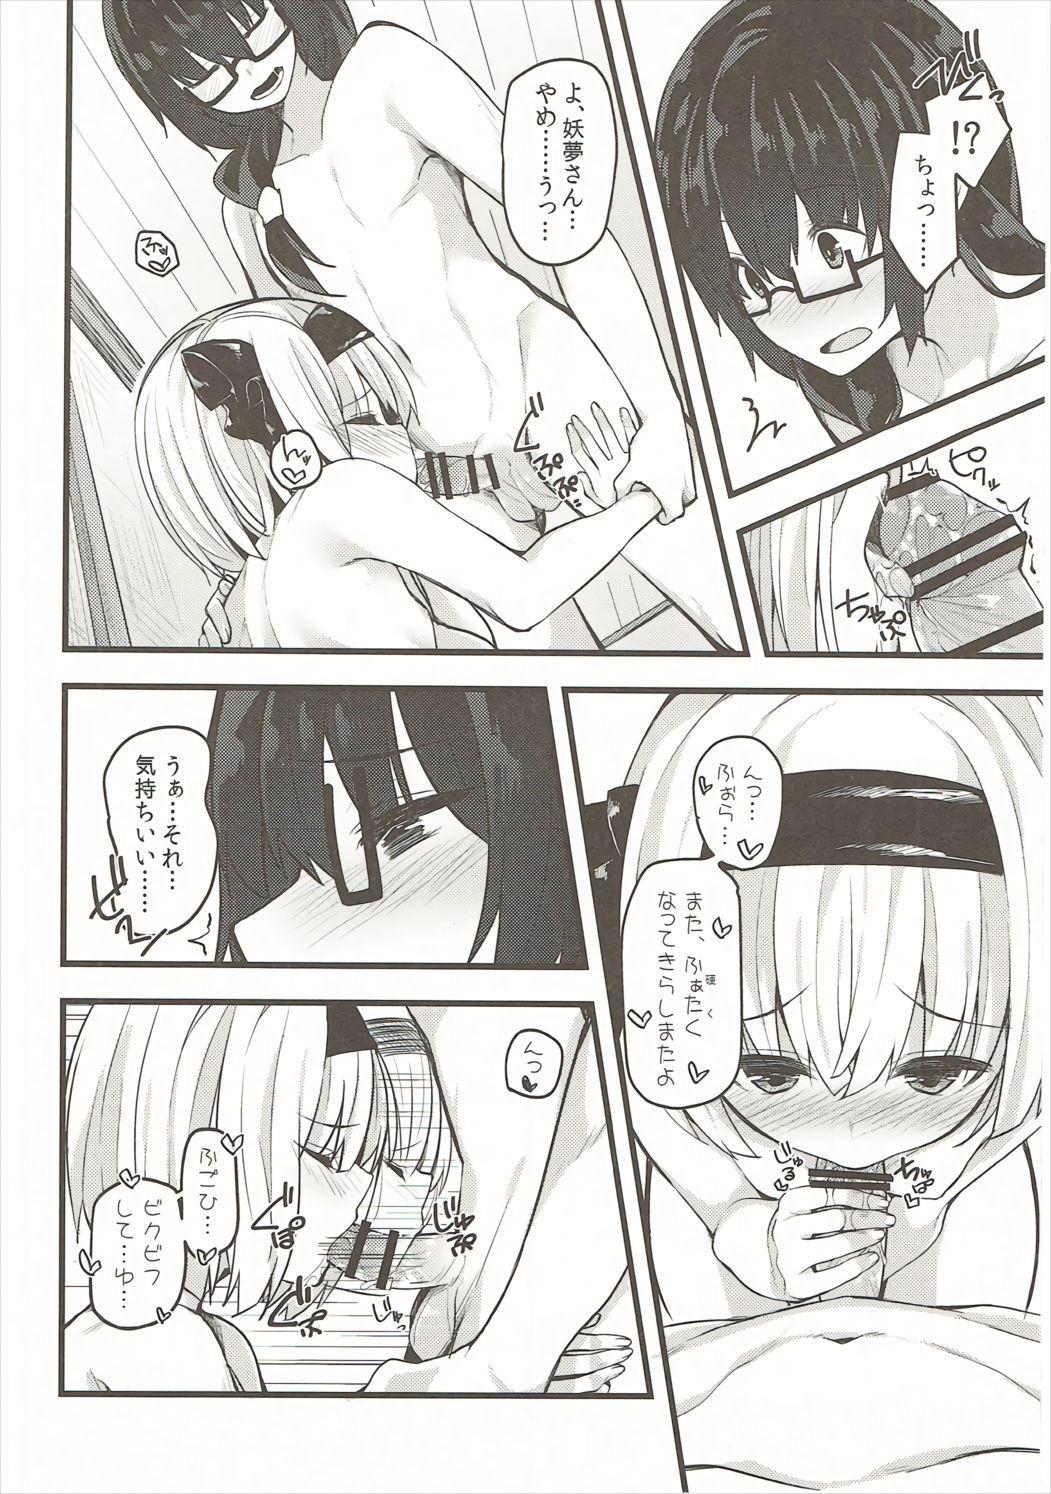 Hontou no Kimochi 2 16